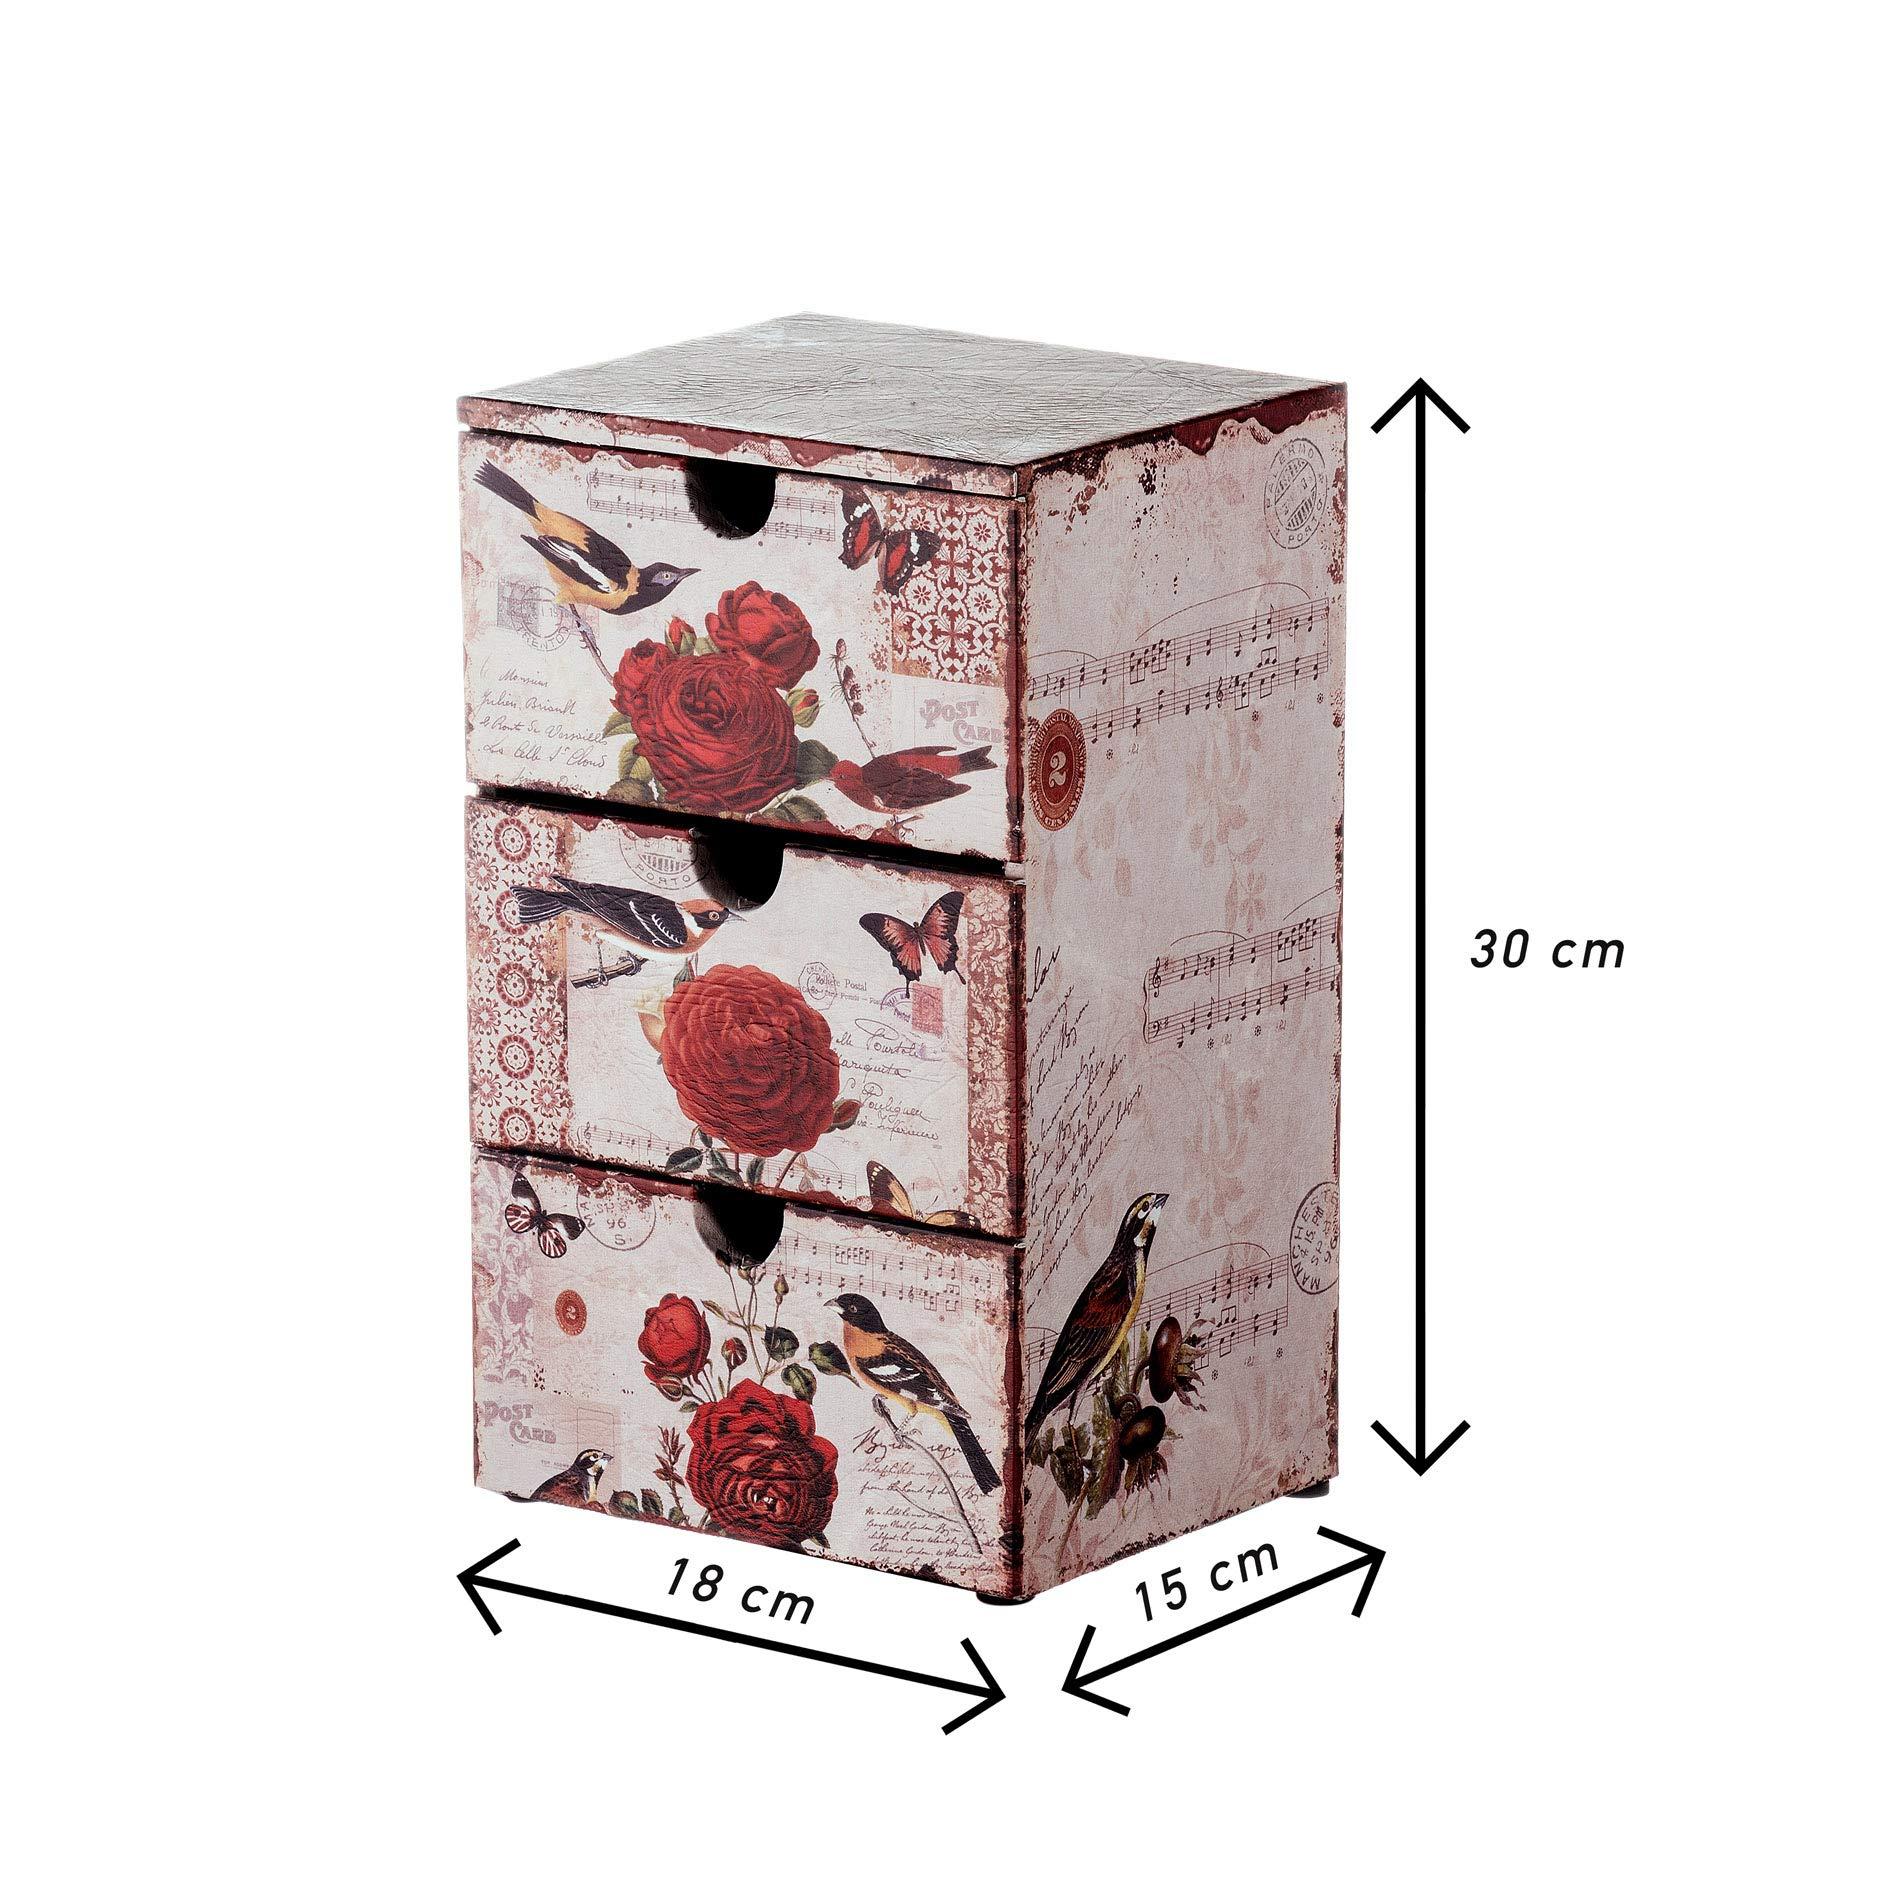 - Art RE4772 Organizador cosm/éticos en Estilo Vintage Medidas: 30 x 24 x 15 cm AxANxF marr/ón Rebecca Mobili Joyero con 6 cajones para almacenar Trucos y Accesorios PVC